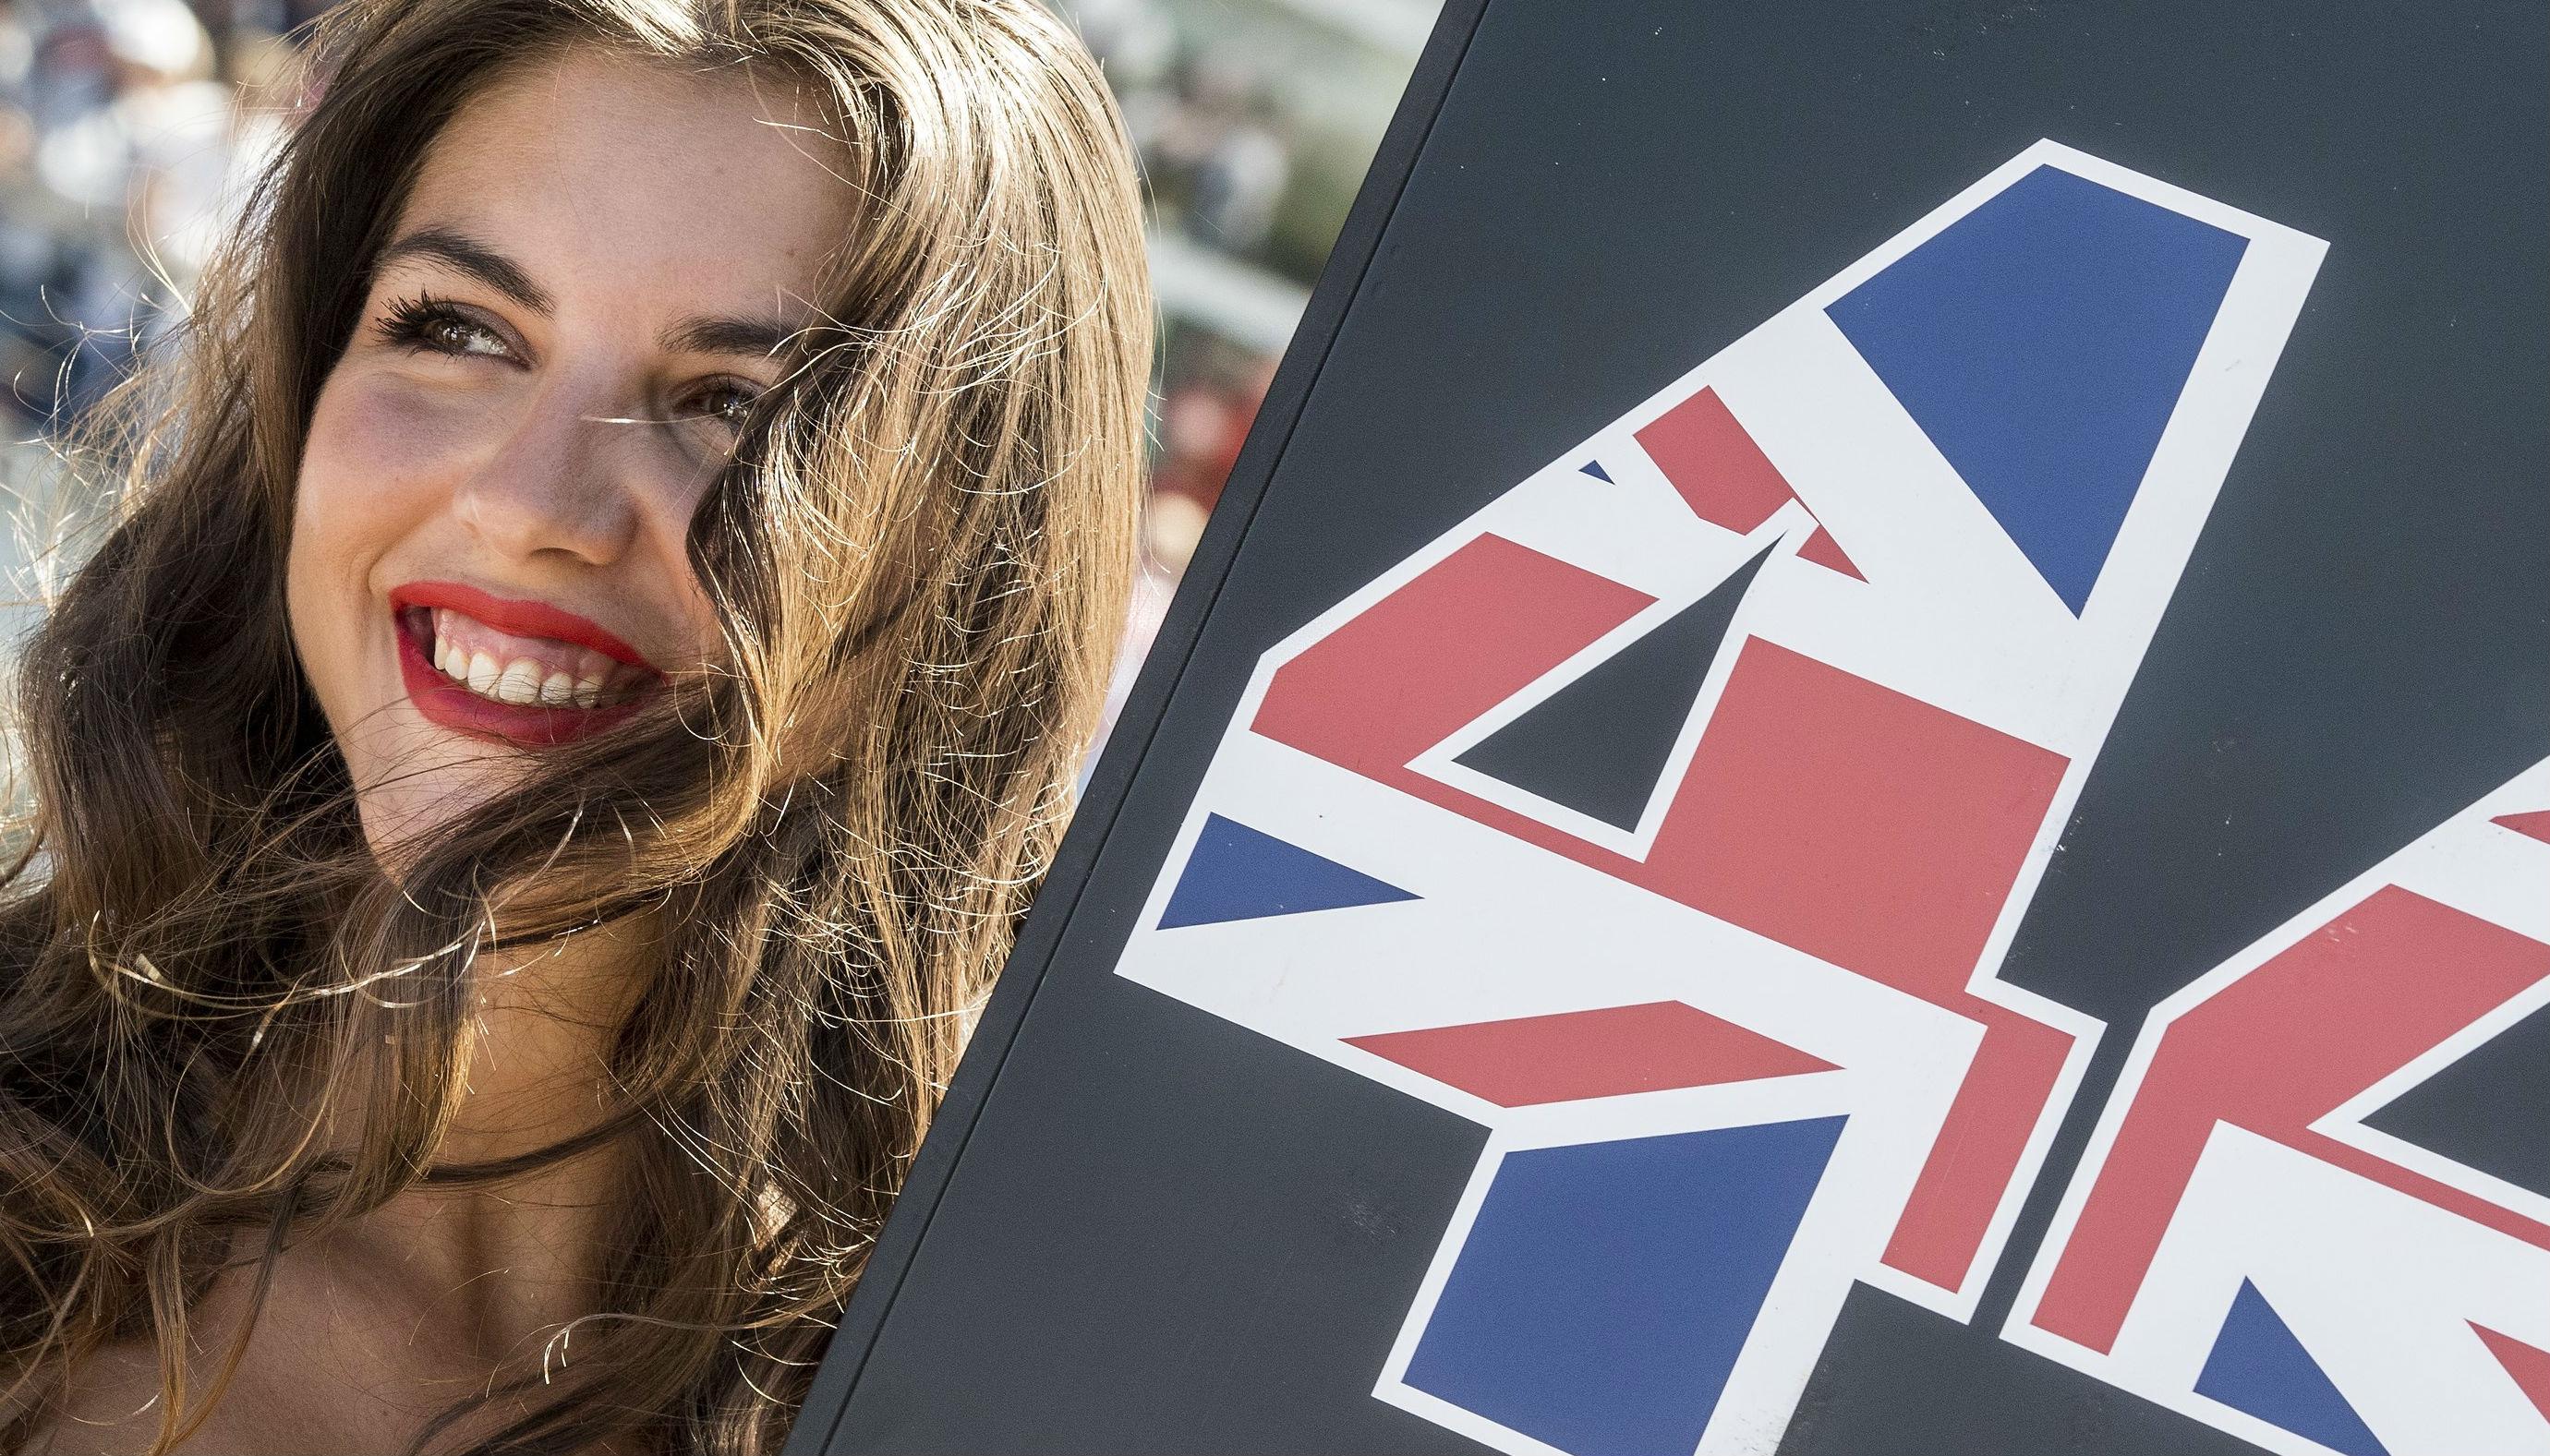 台媒关注F1新赛季:汉密尔顿力争第五冠 赛车女郎成历史